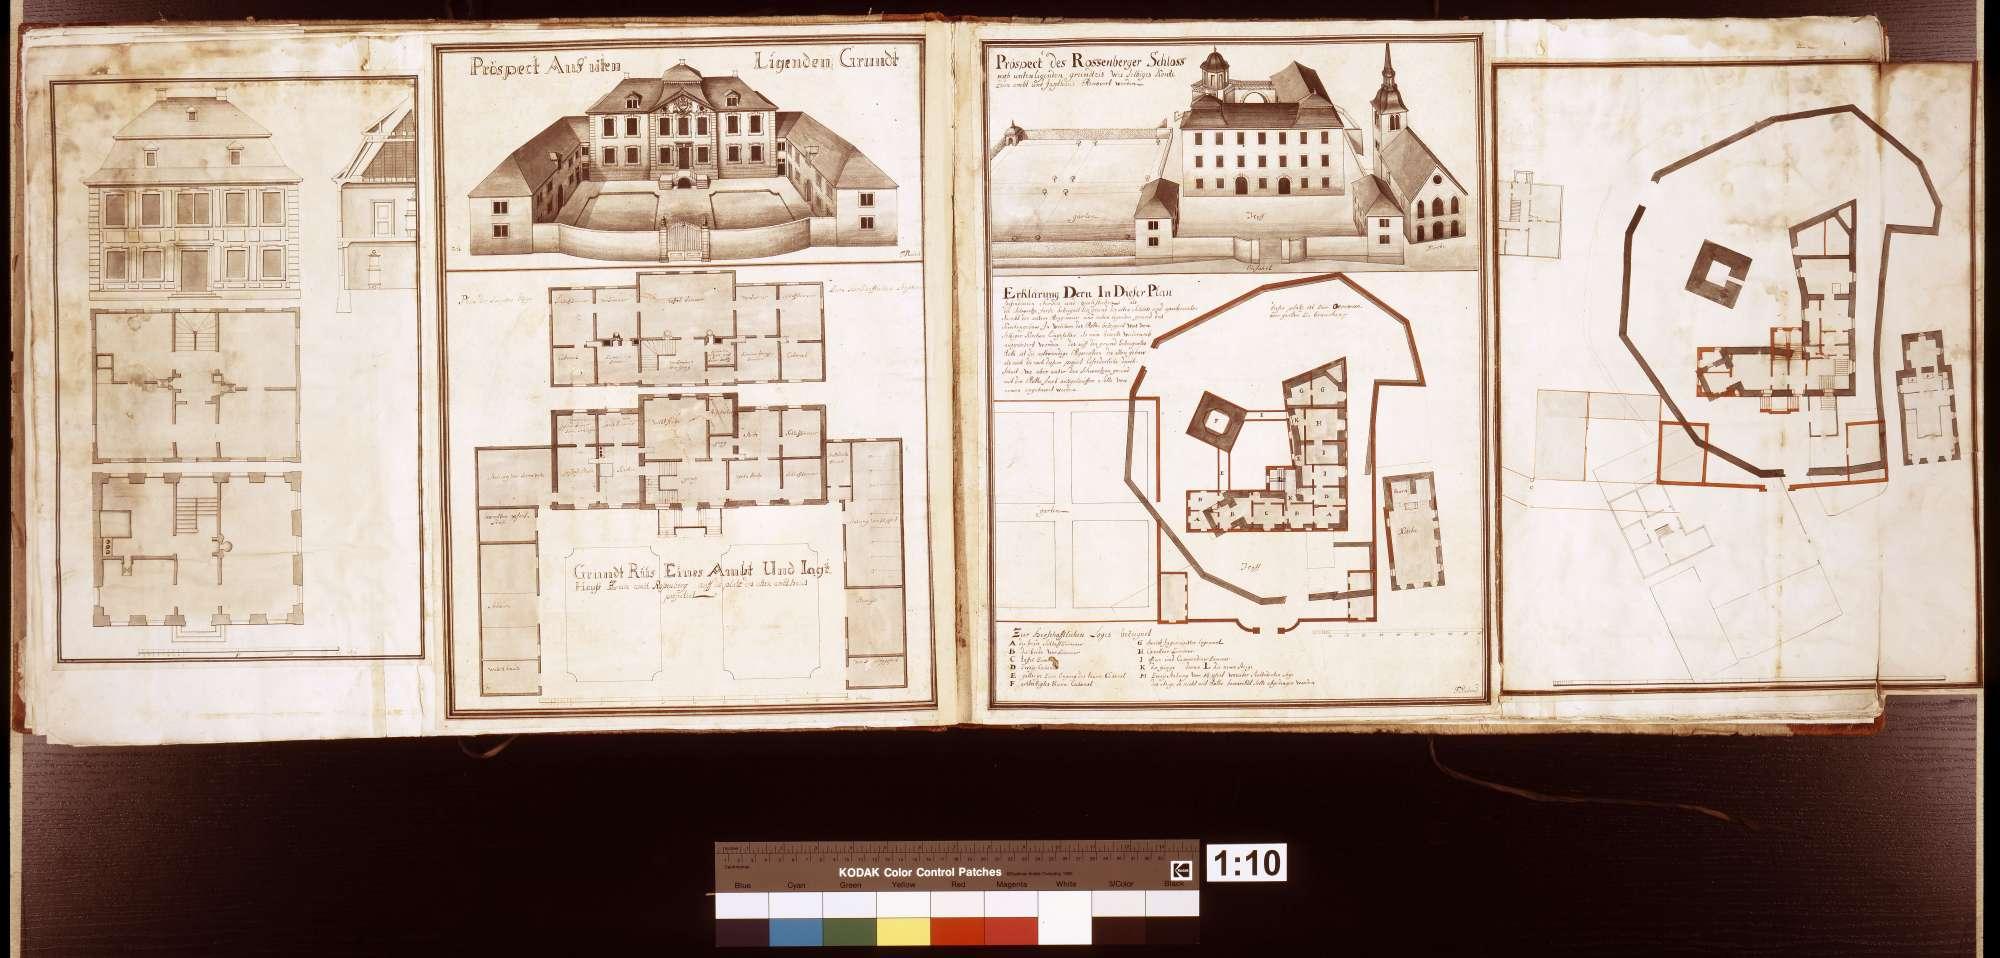 [Entwurf zum Umbau des Rosenberger Schlosses in ein Amt- und Jagdhaus], S. 11b rechte Seite rechts